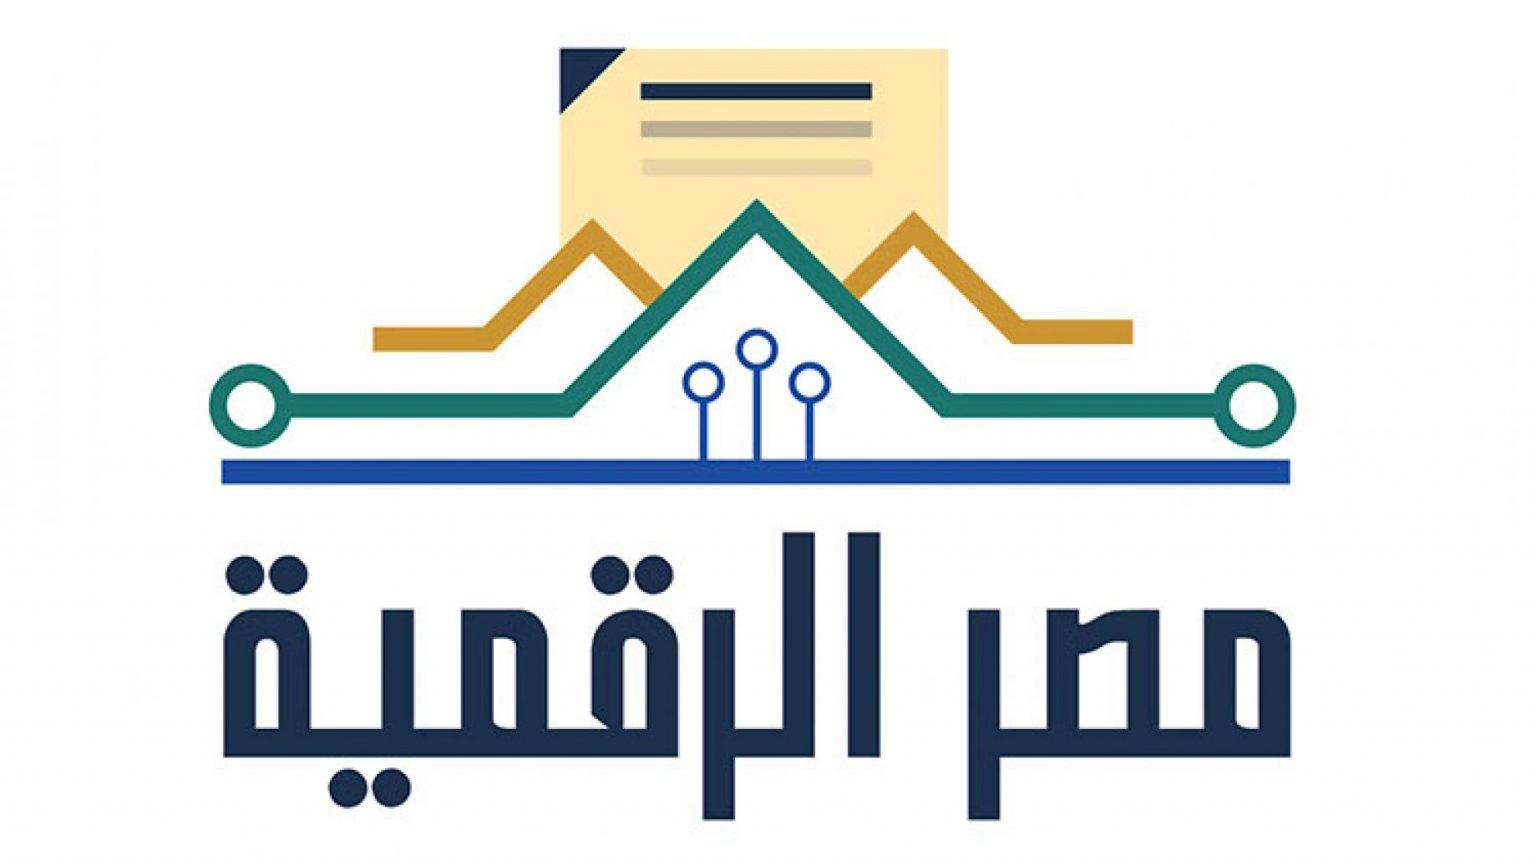 خطوات إنشاء حساب عبر بوابة مصر الرقمية لإضافة المواليد الجدد على بطاقة التموين يوليو 2021 1